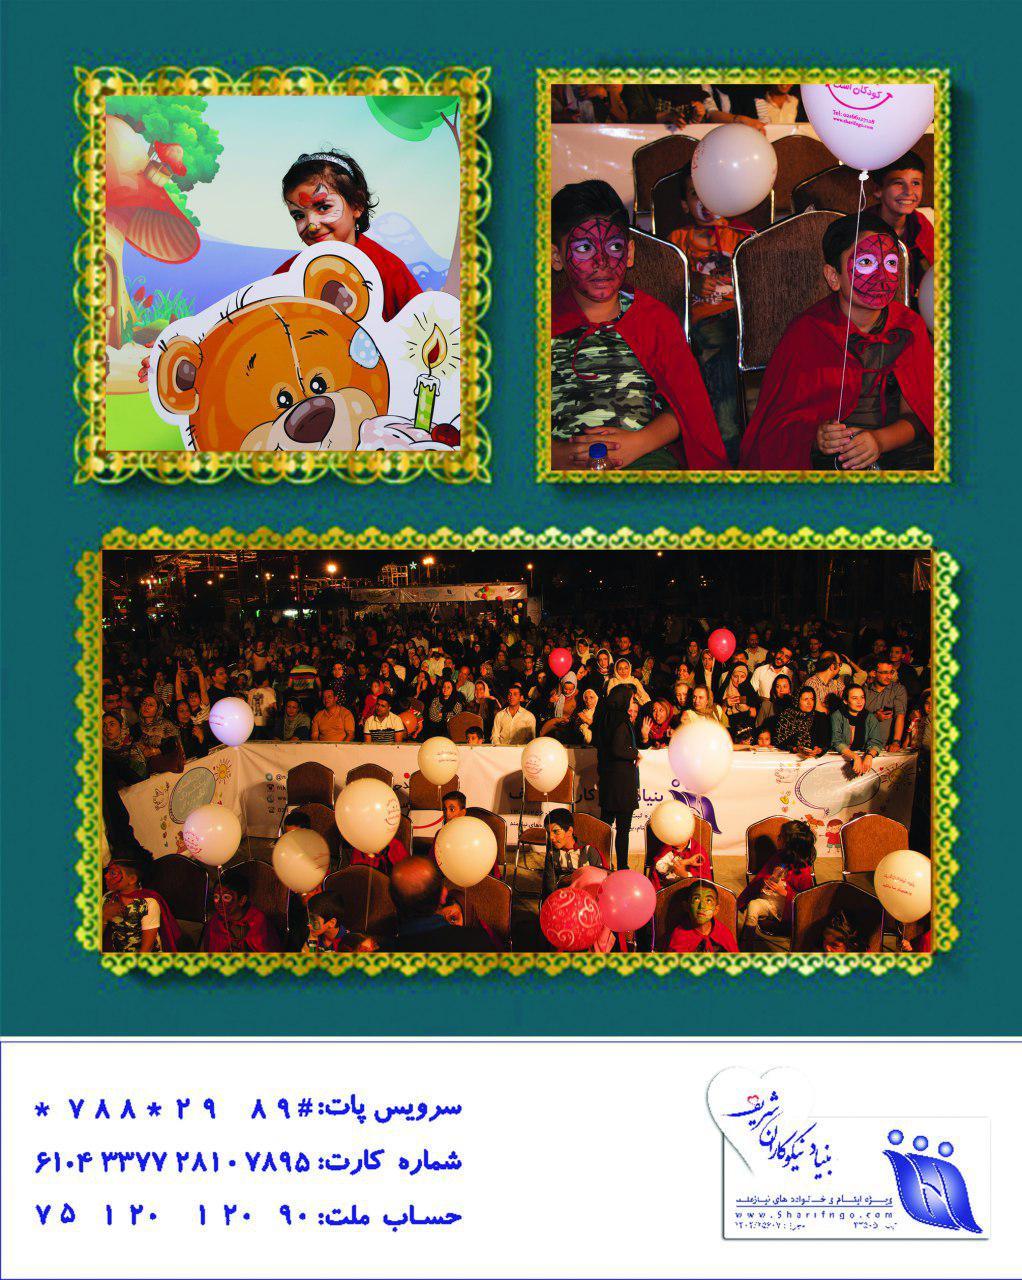 جشن سالیانه دیدار حامیان با کودکان تحت سرپرستی بنیاد نیکوکاران شریف